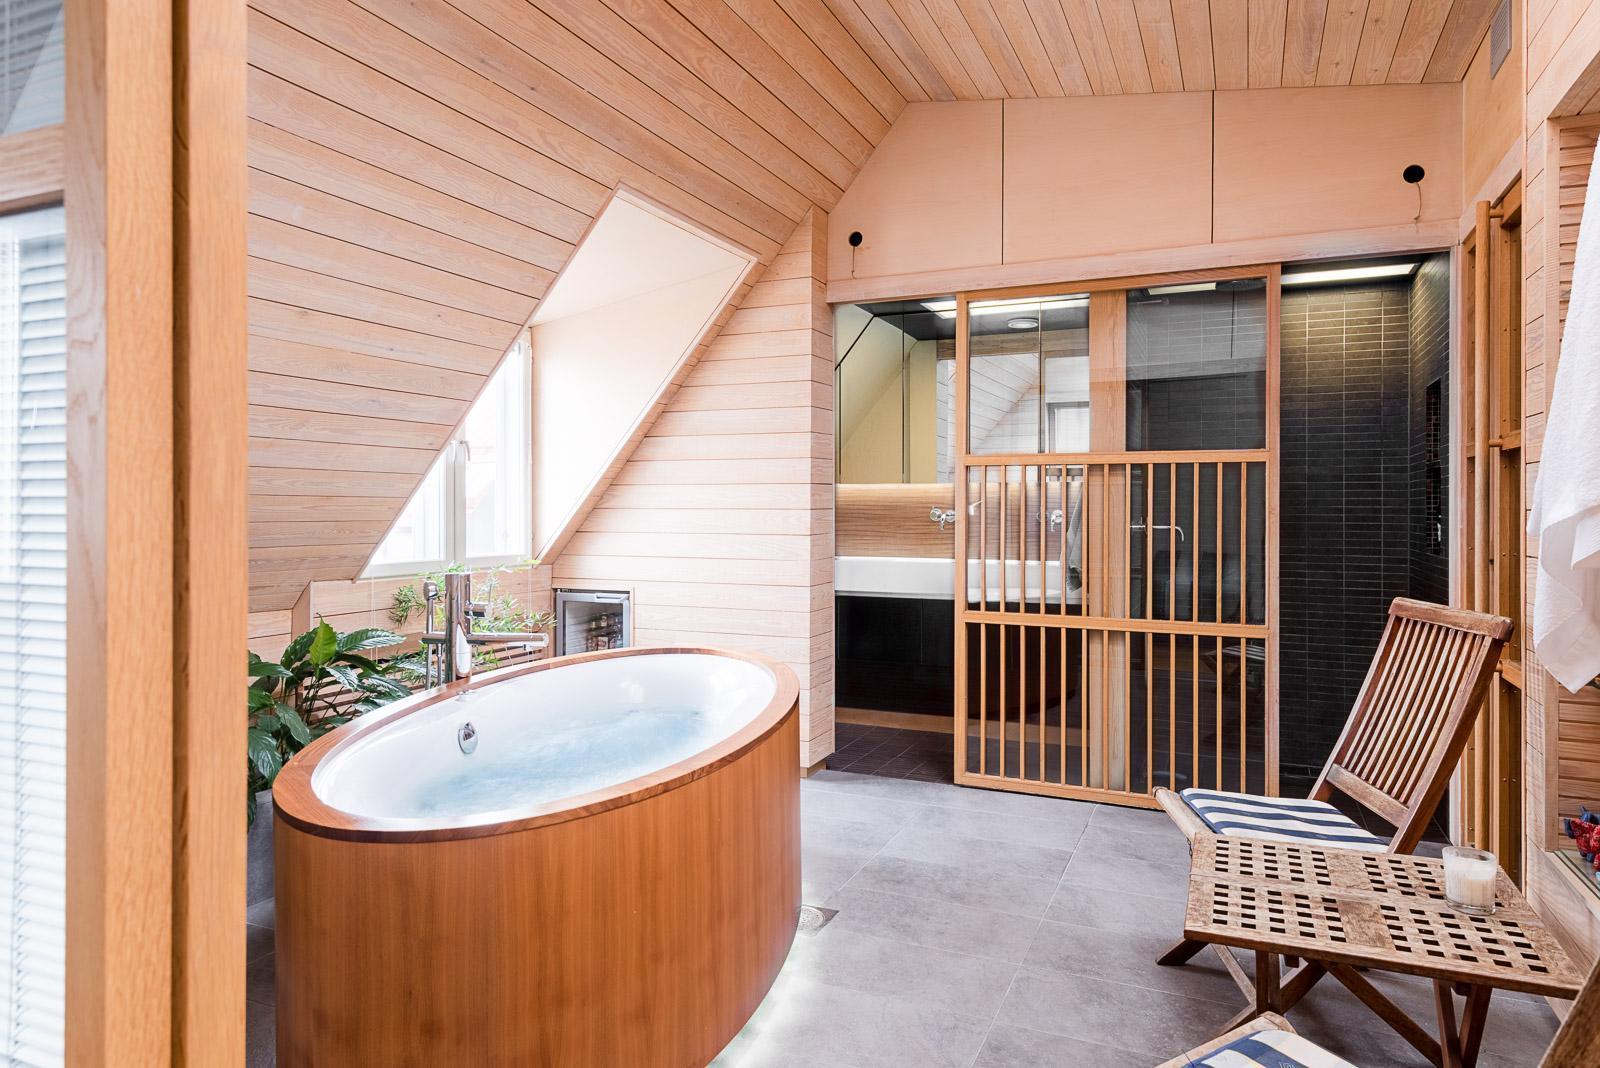 punavuori poreamme kylpyläosasto kattohuoneisto